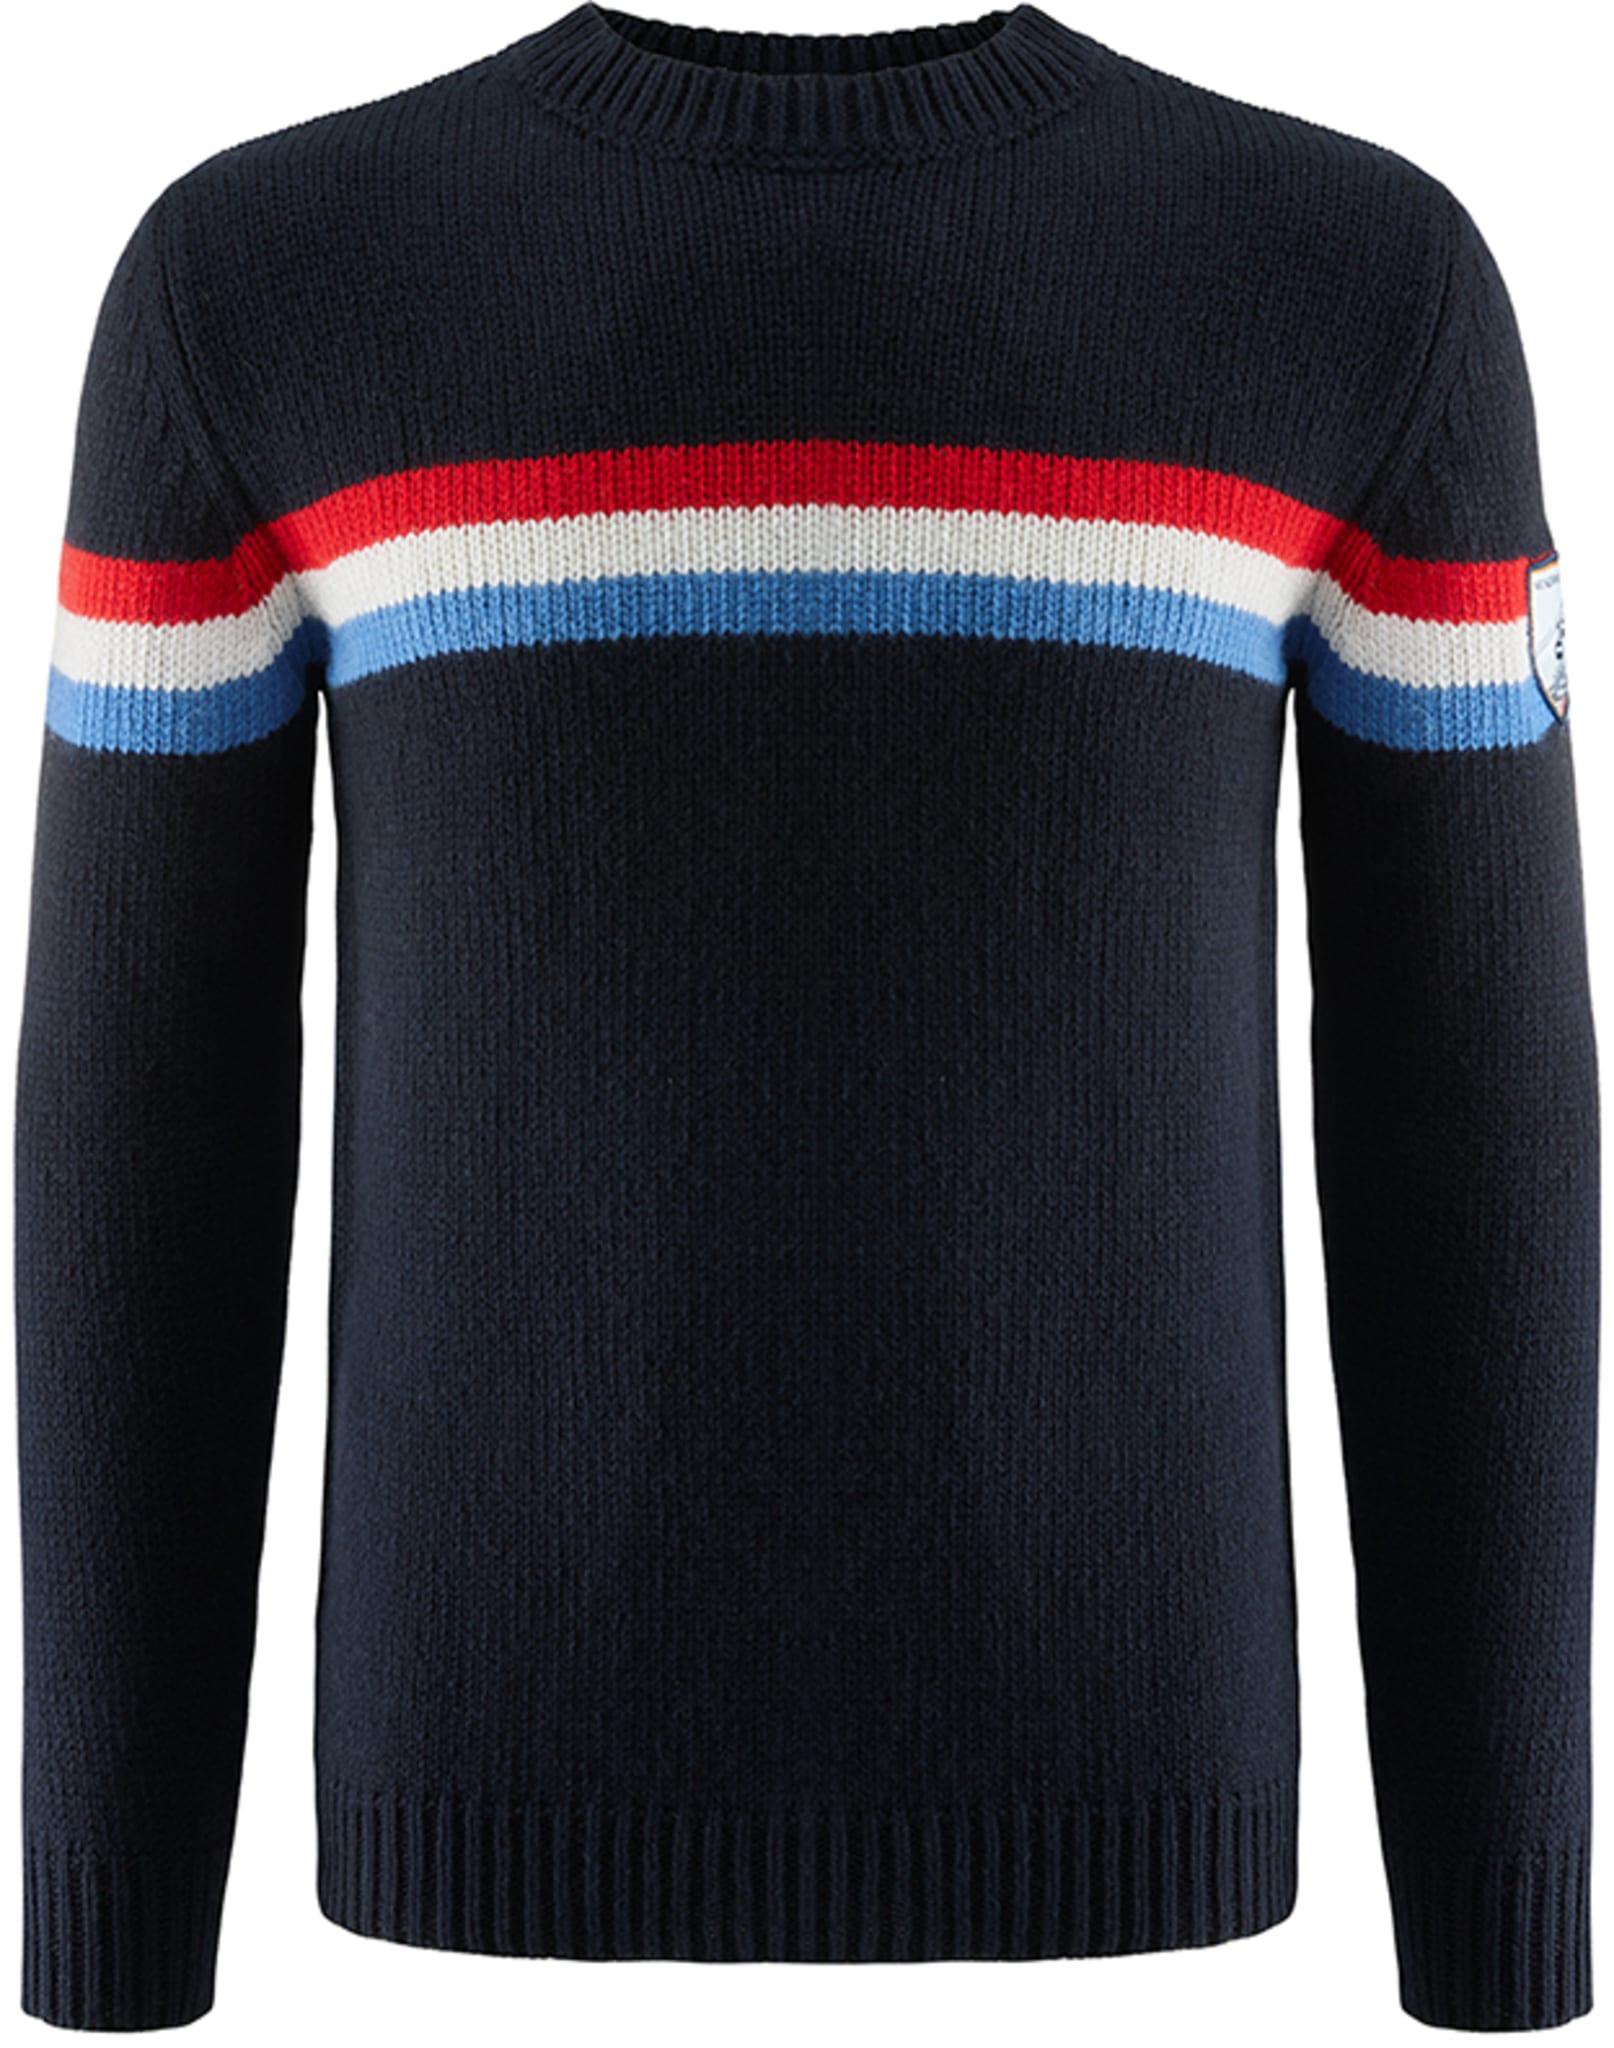 Klasisk genser i en utrolig myk kashmir/merinoull-blanding